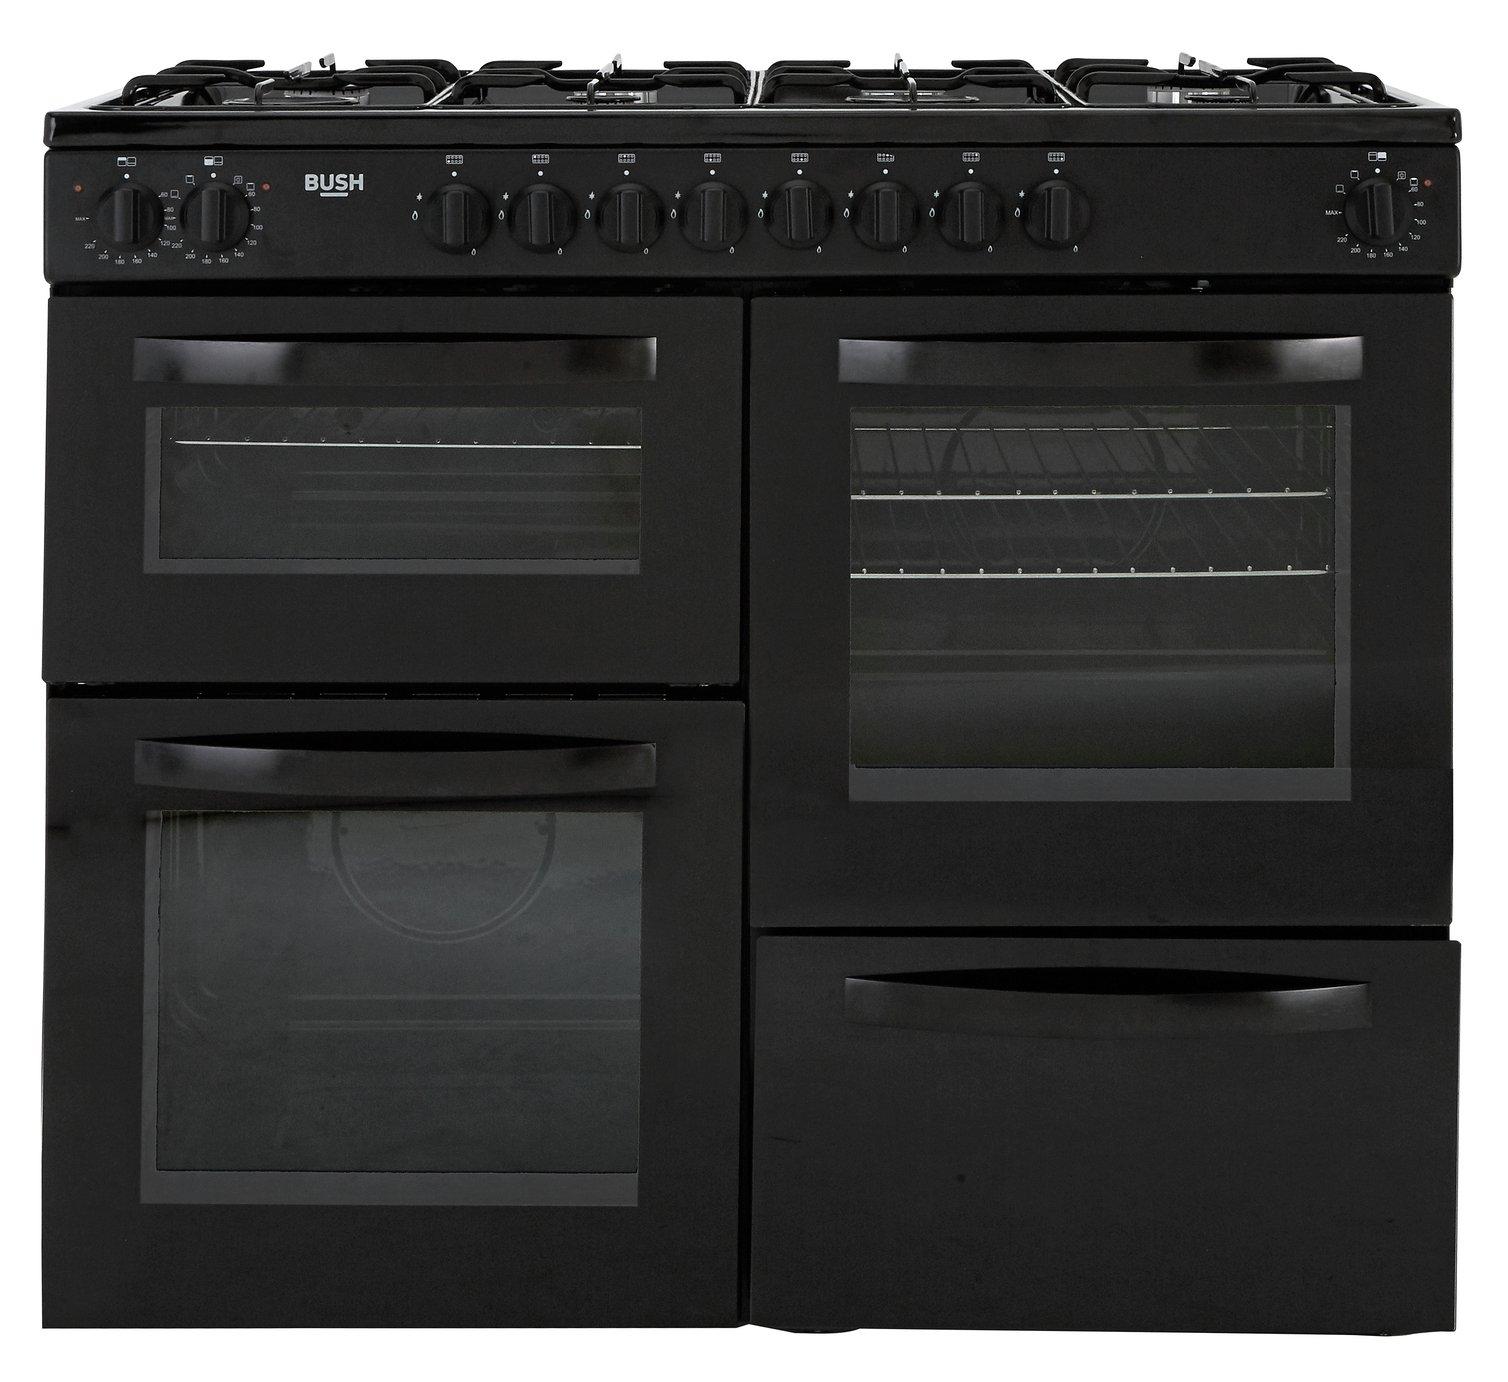 Bush BRC100DHEB 100cm Dual Fuel Range Cooker - Black